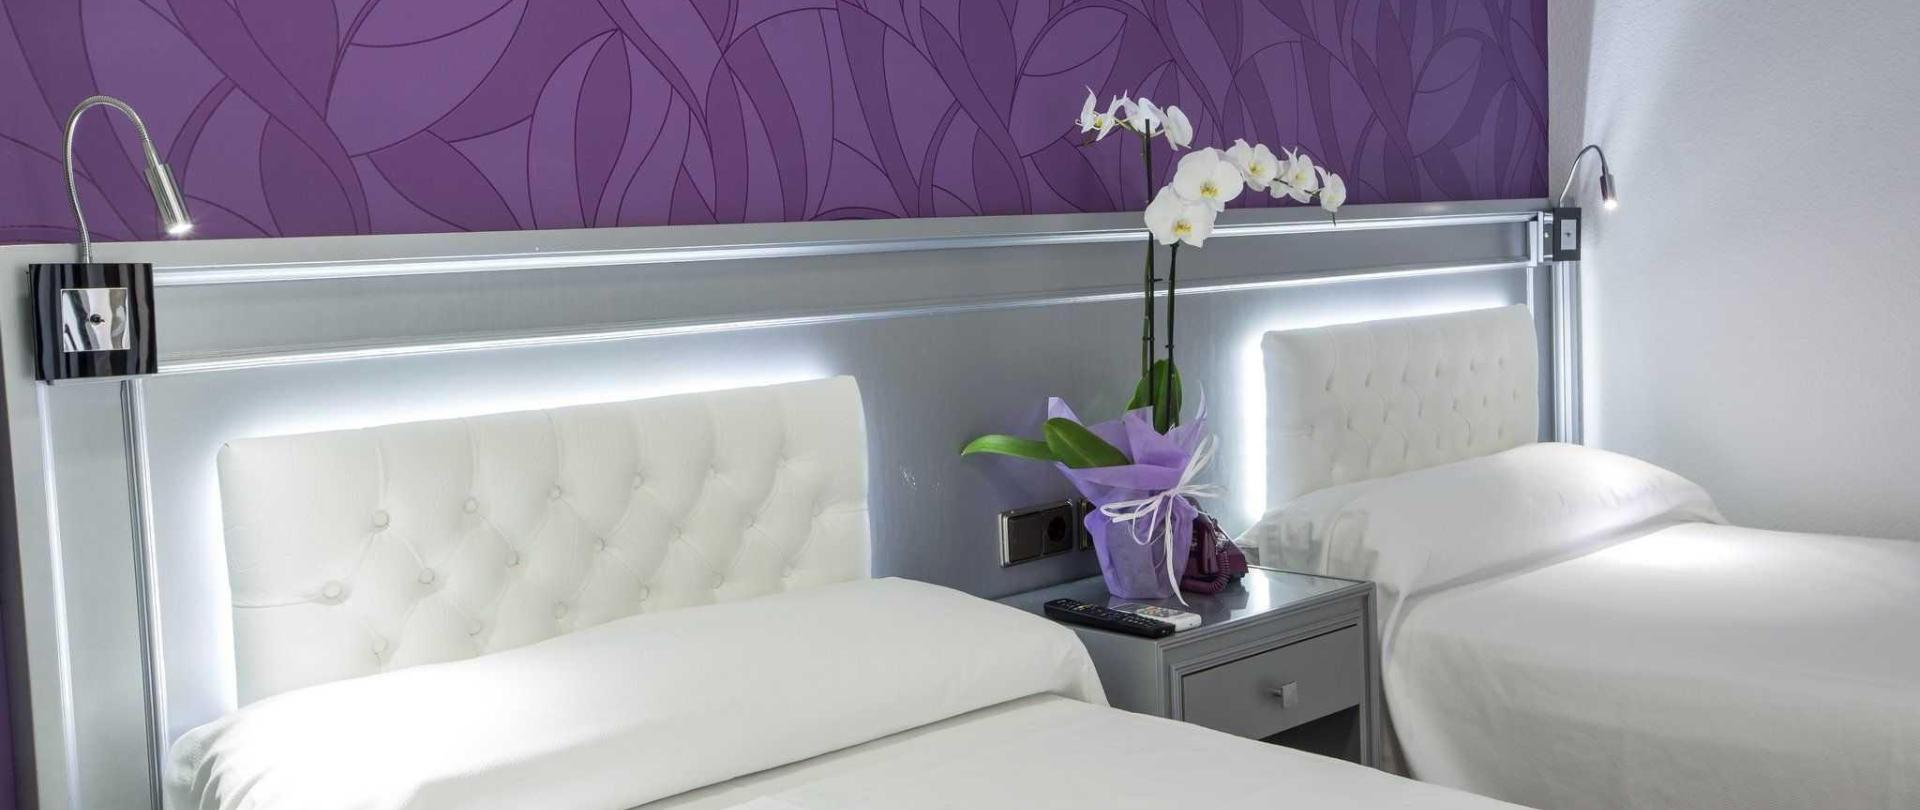 hotel-molinos-0099a.jpg